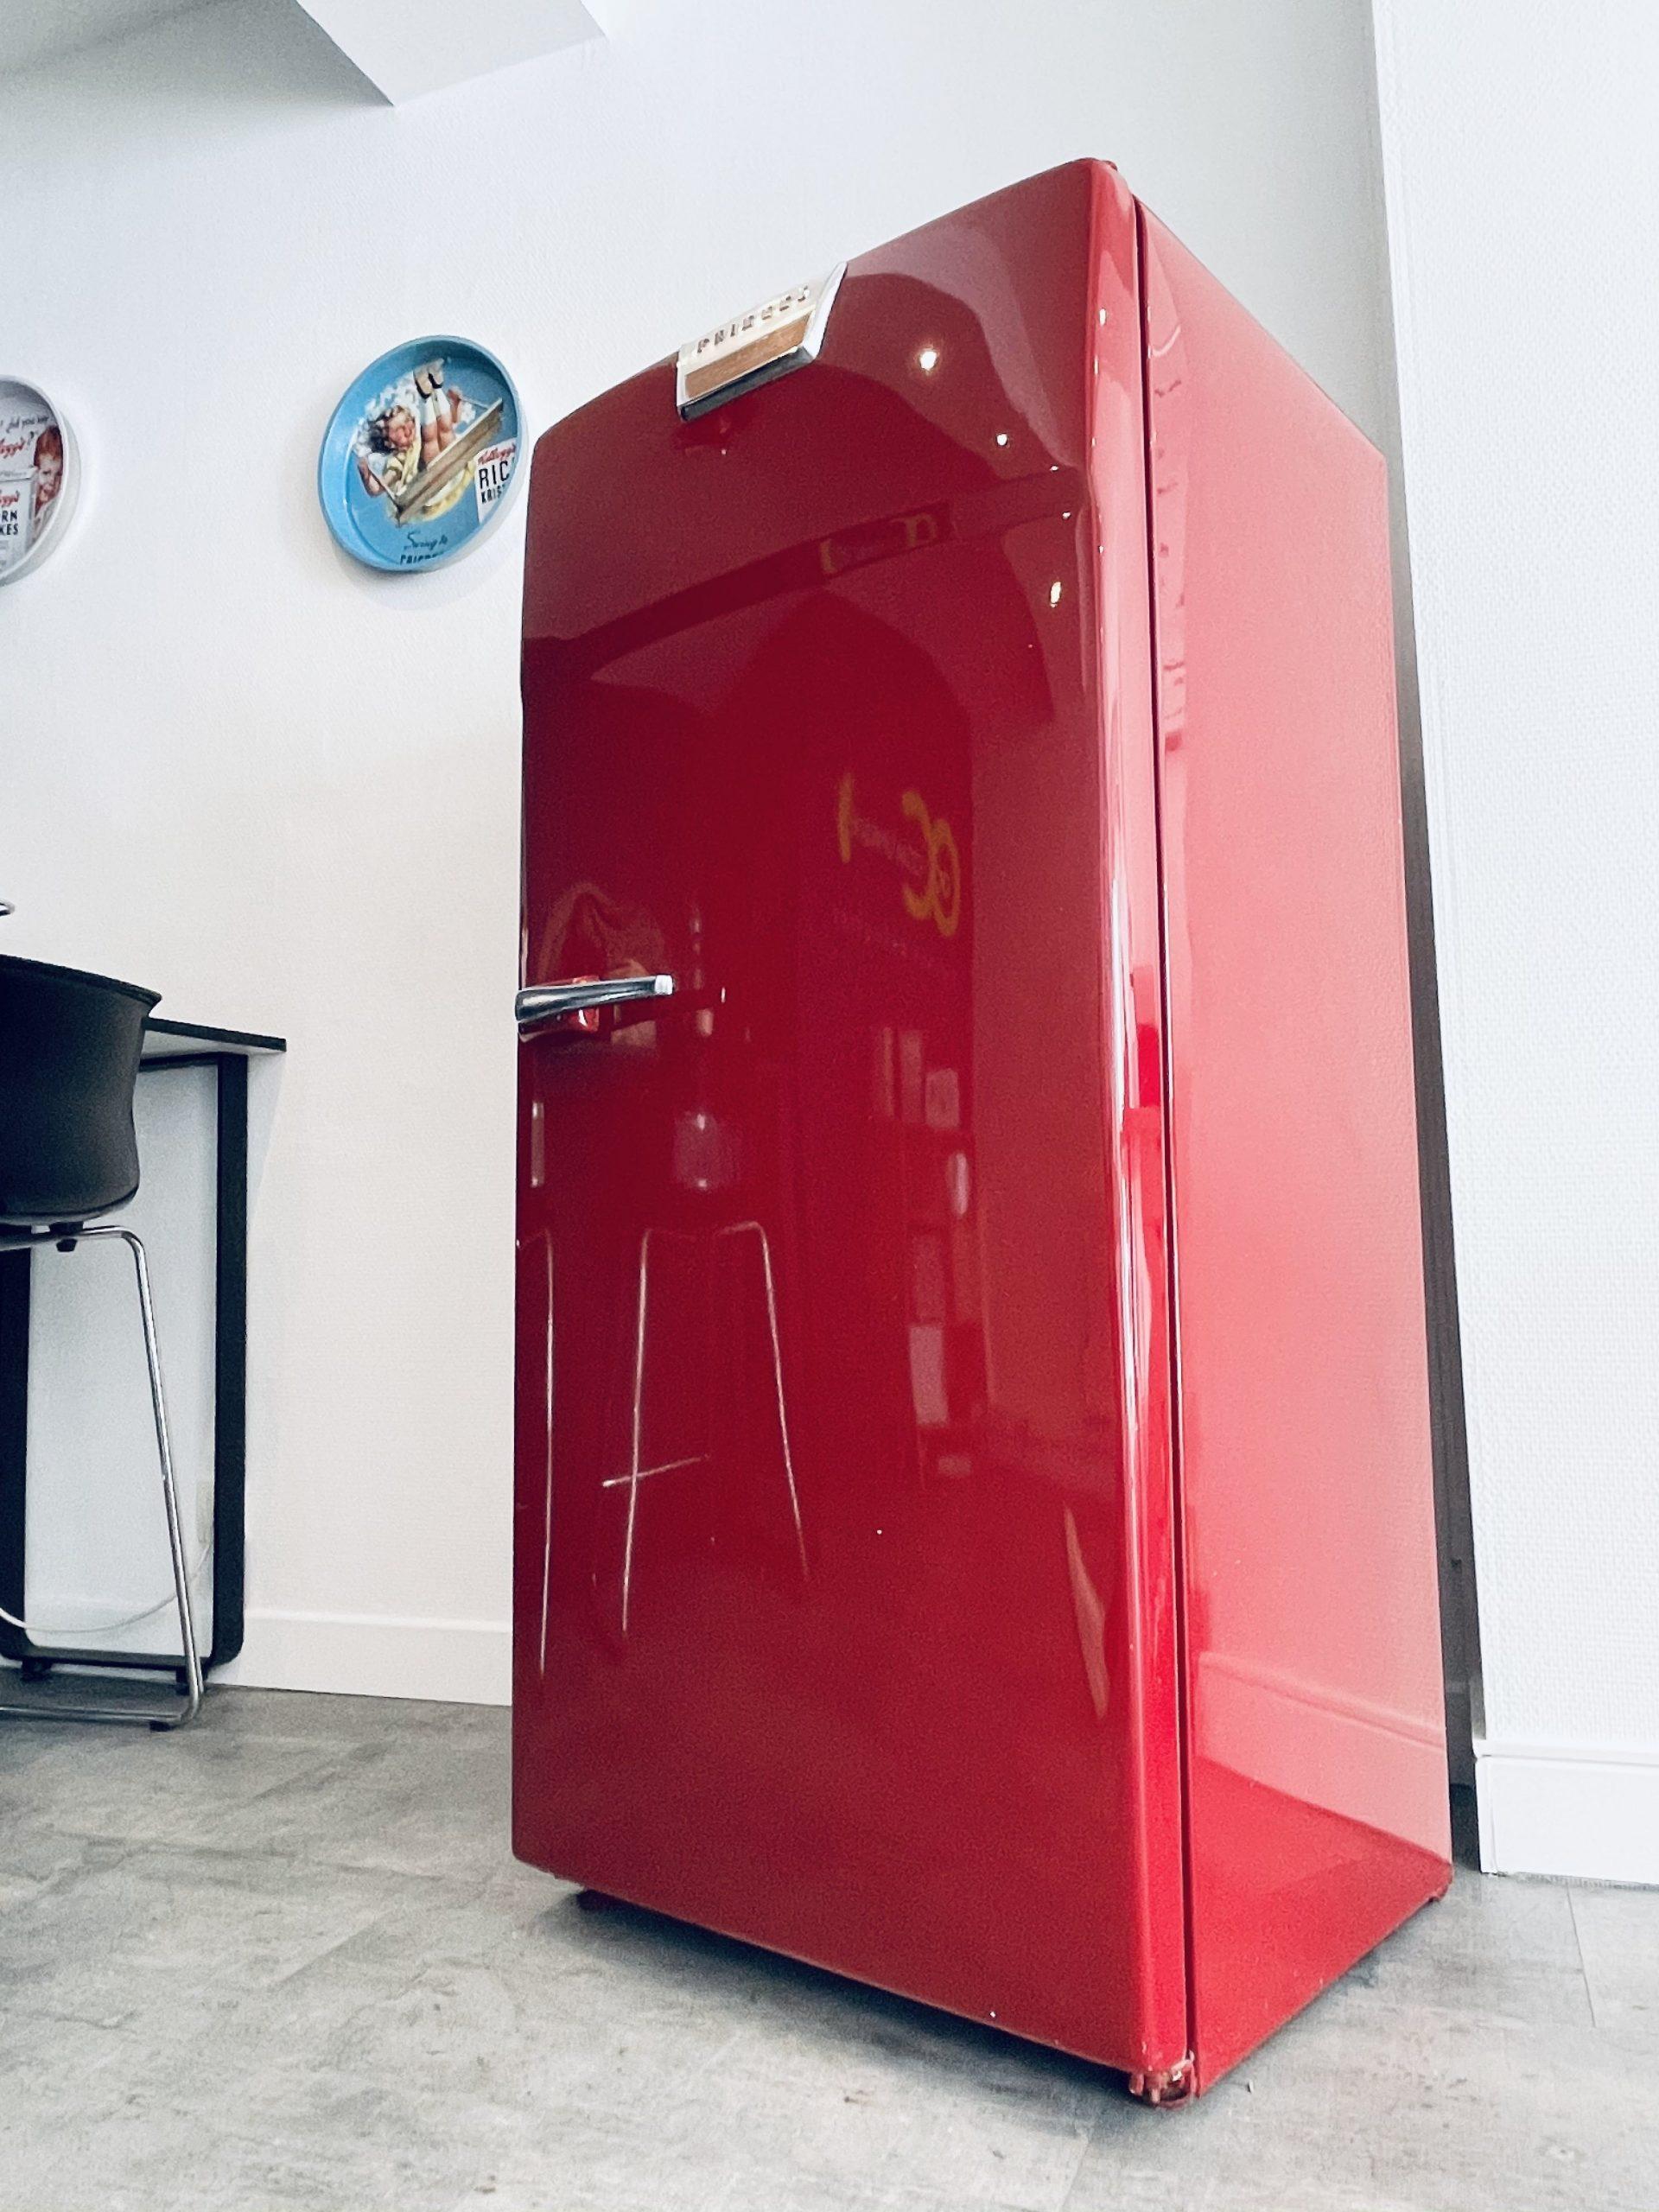 frigo vintage agence OC Com'unique Nantes